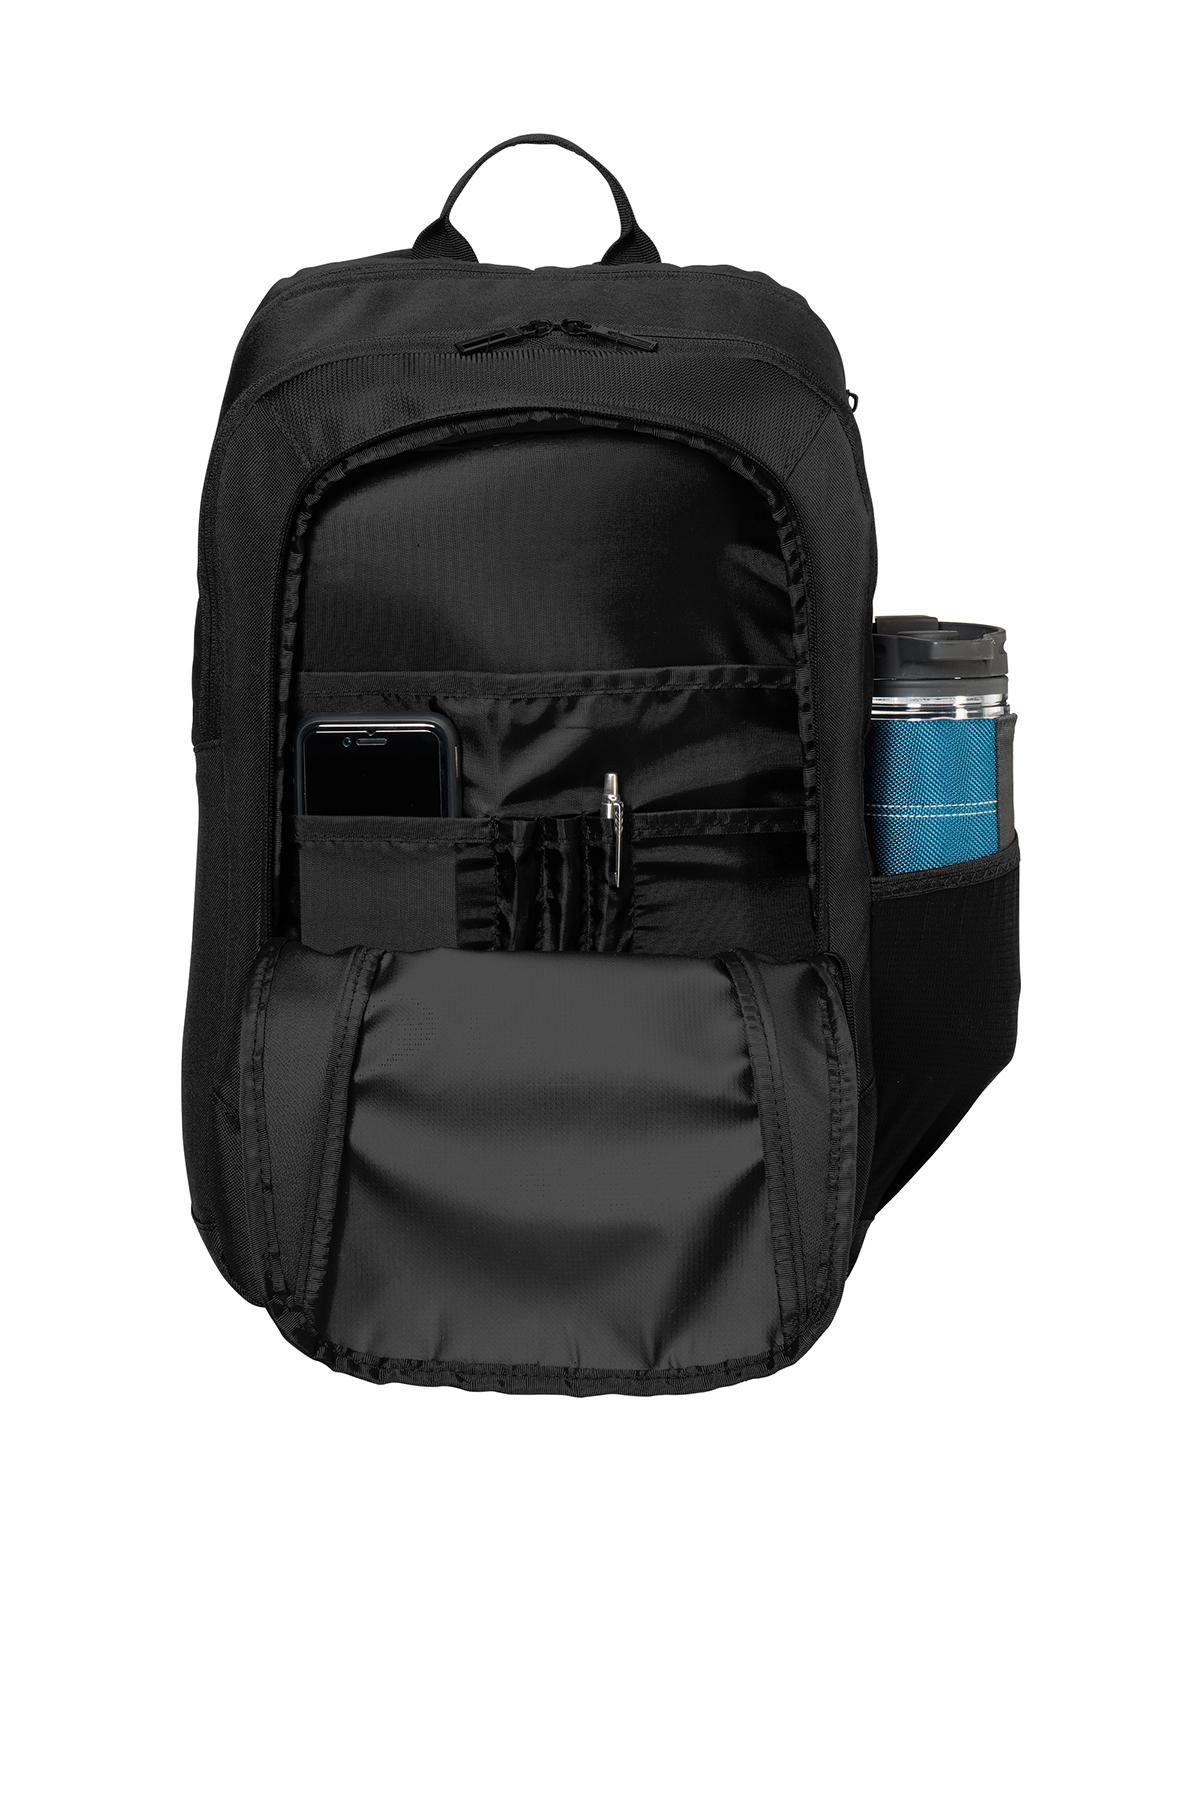 Urban Backpack - BTO1035